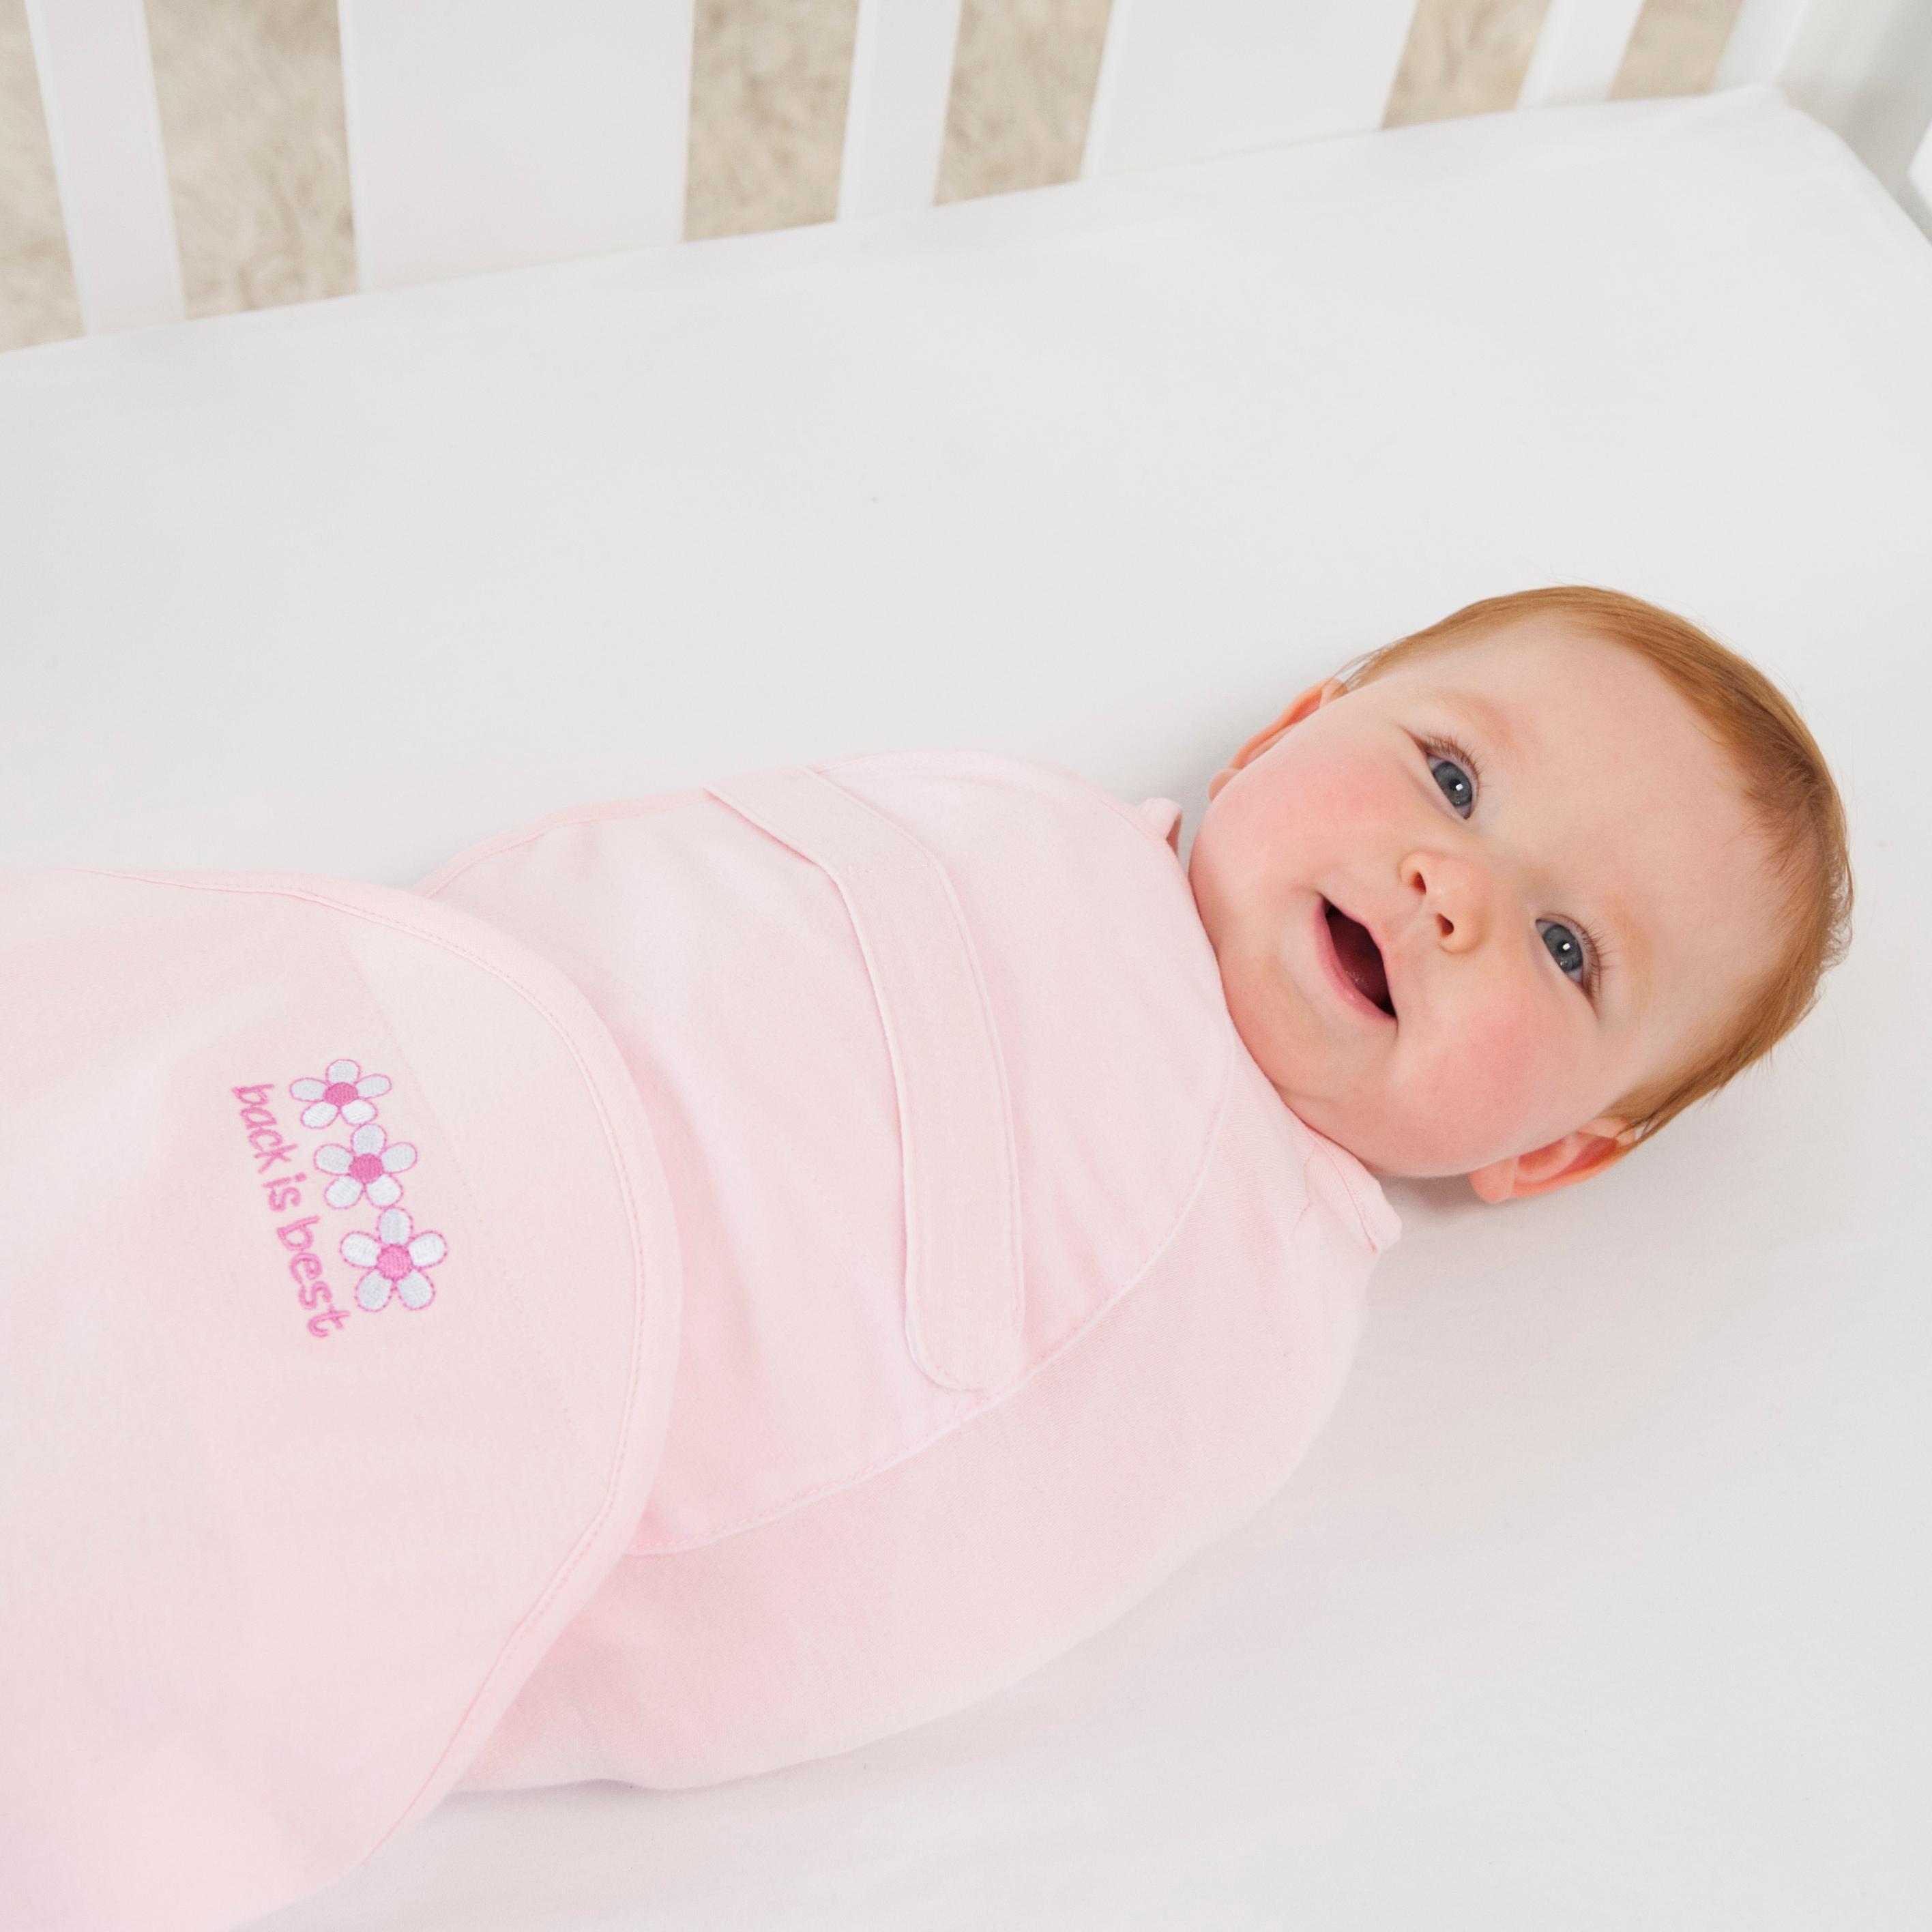 halo可调节包裹式婴儿睡袋 蓝色 小号